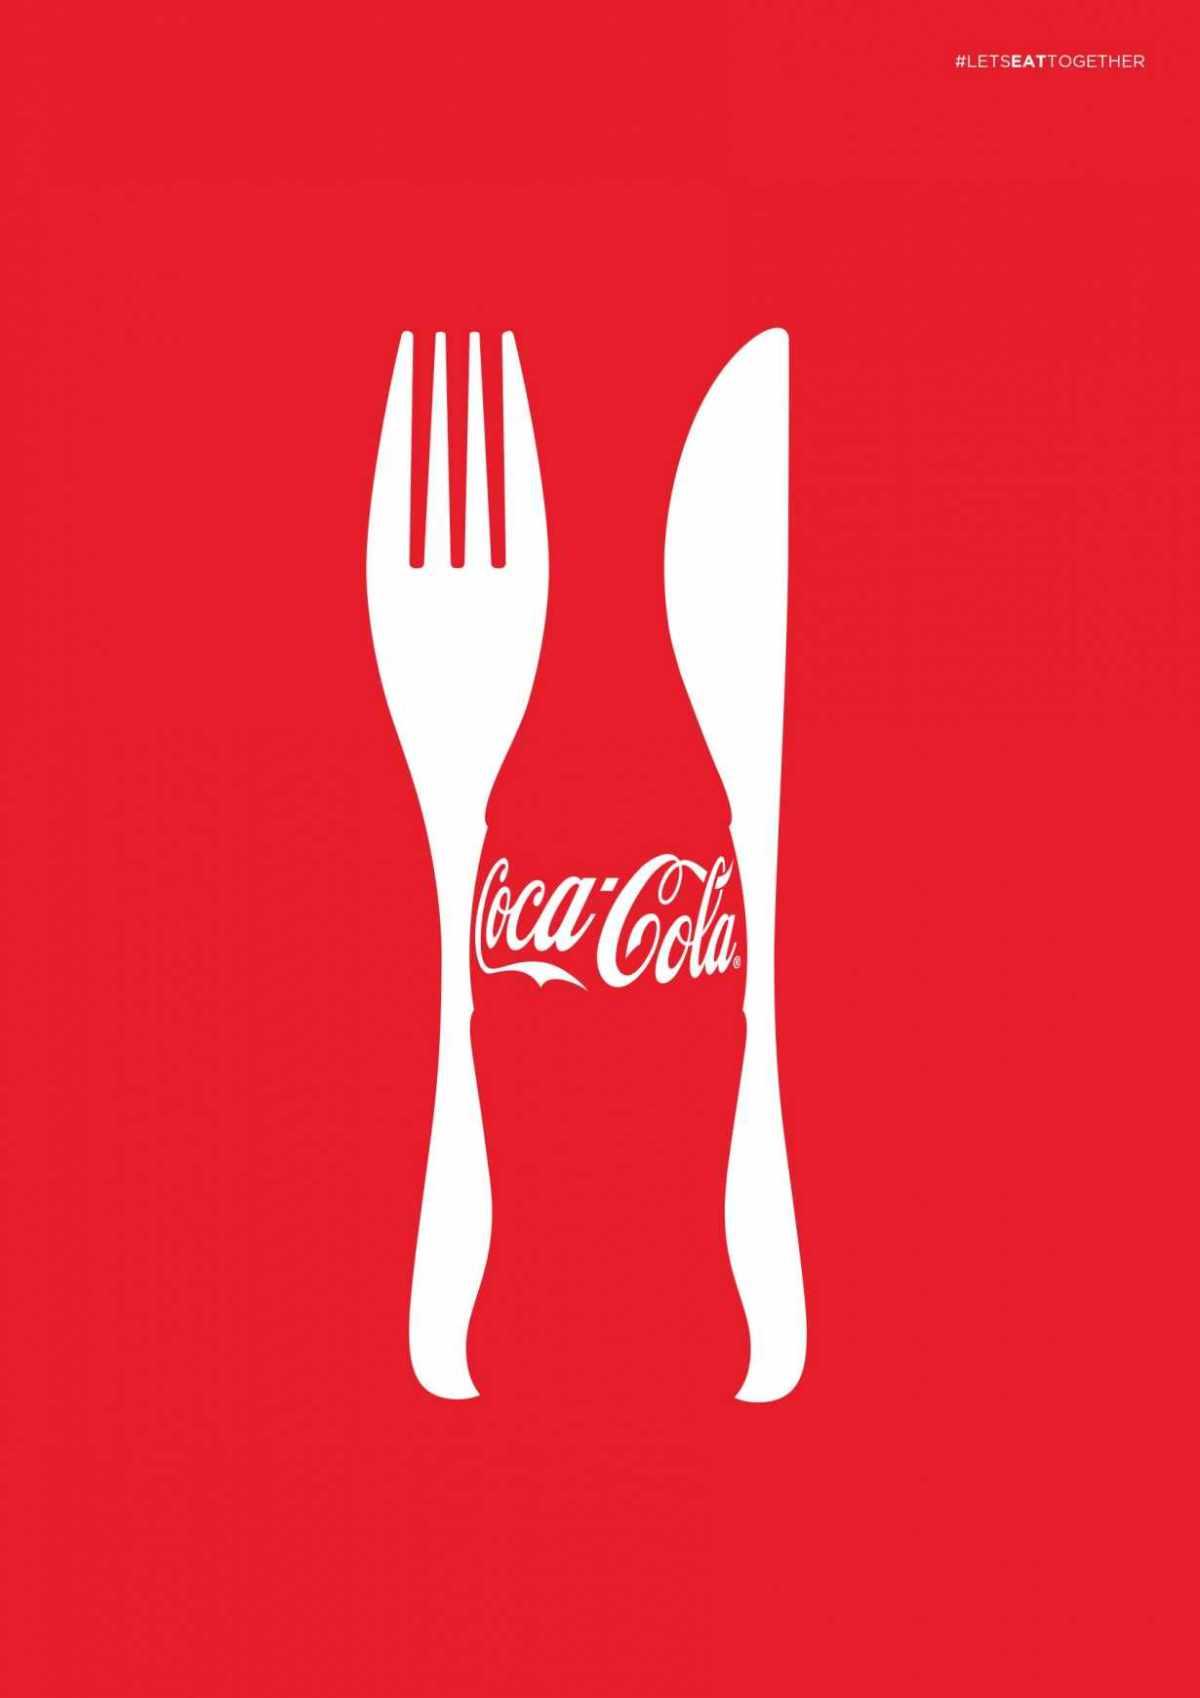 coke_aotw